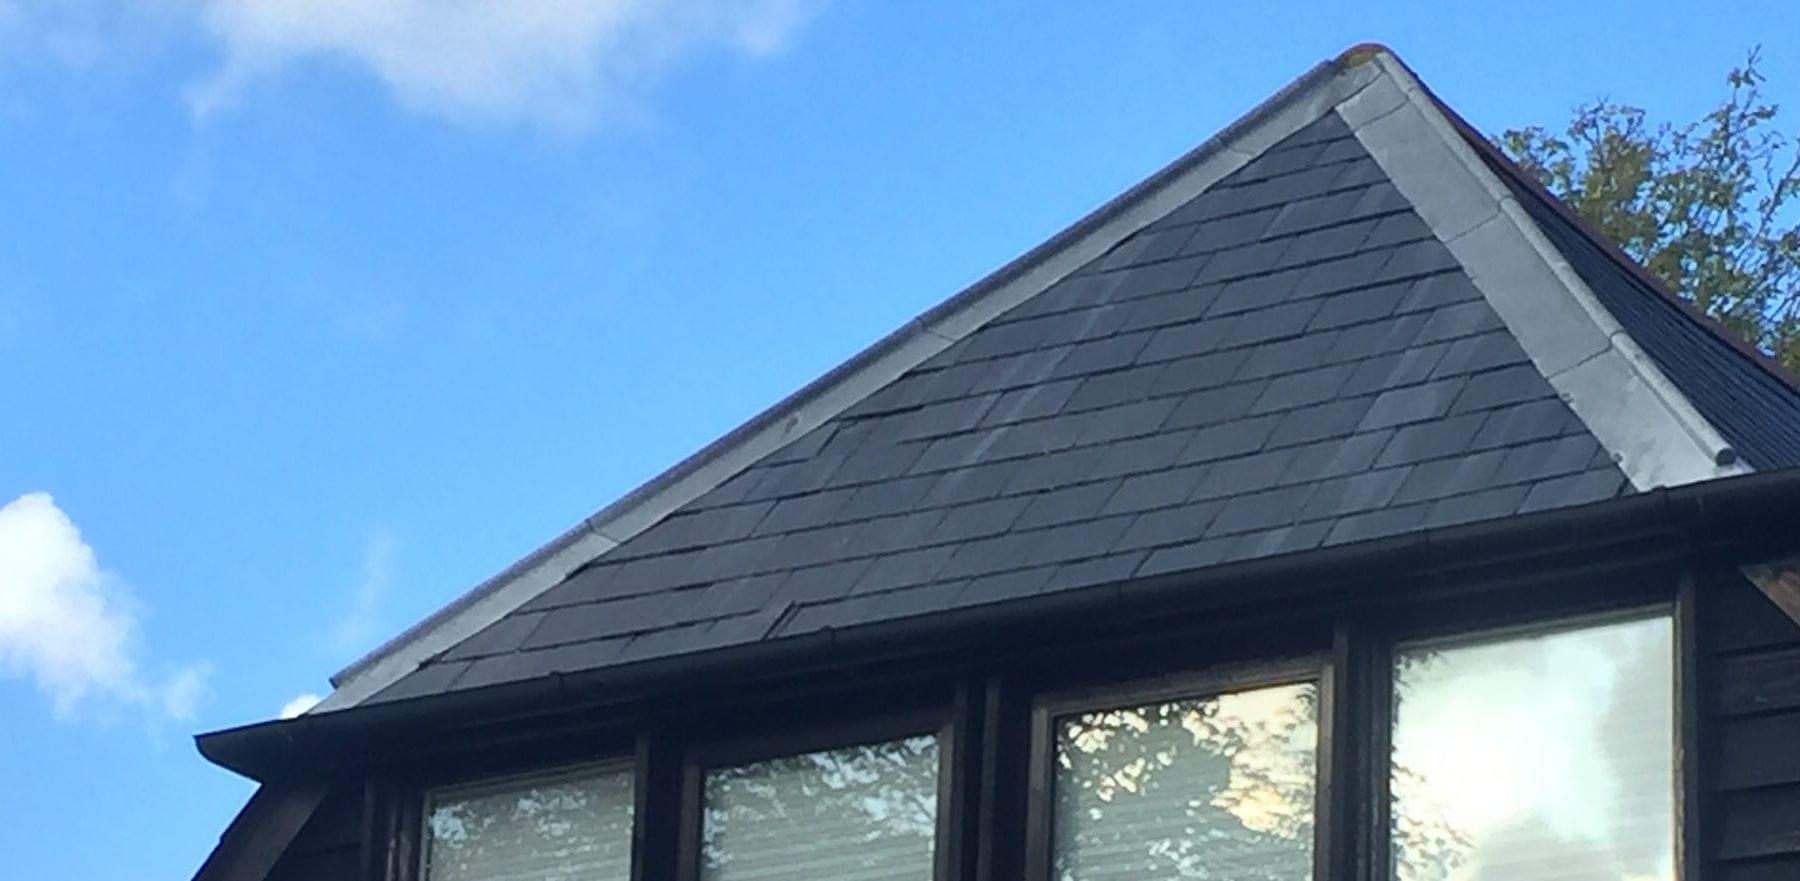 Lifestiles - Spanish Natural Slate Roof Tiles - Black Barn, England 2